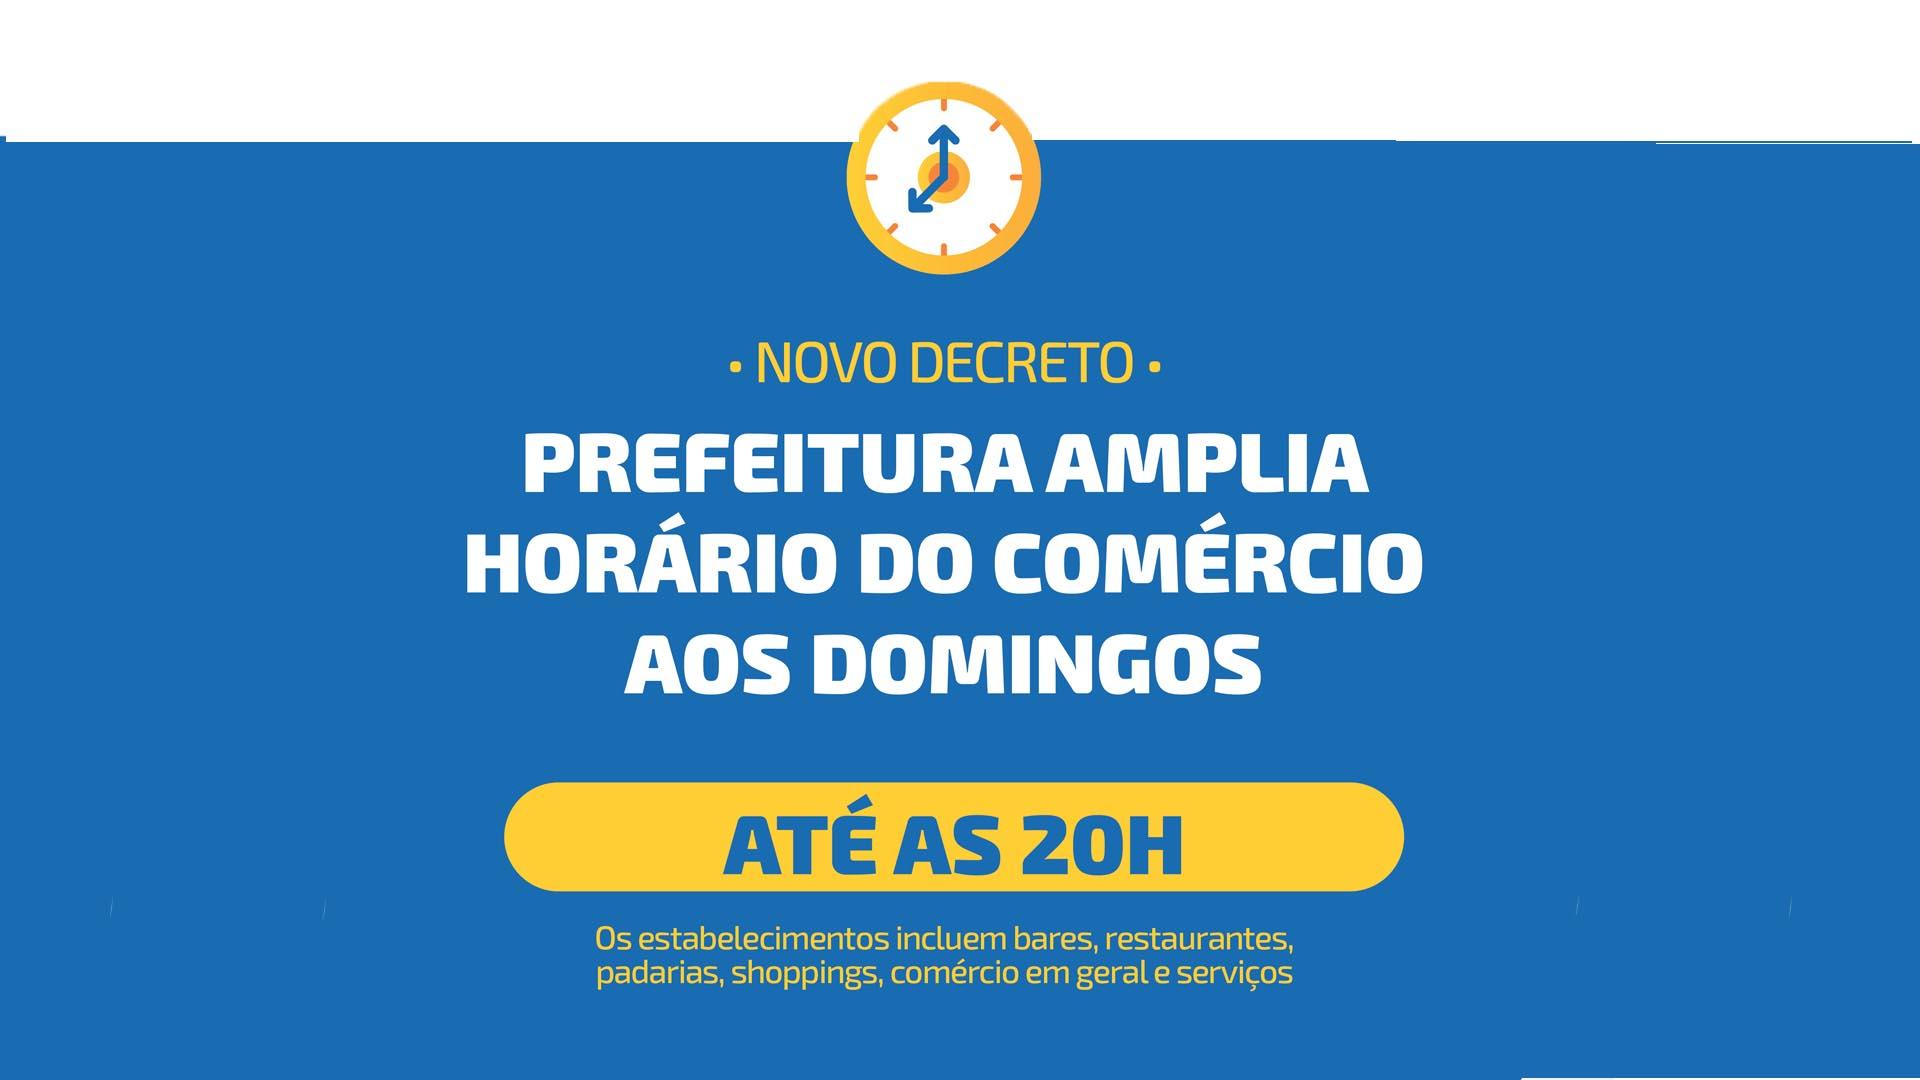 PREFEITURA AMPLIA HORÁRIO DO COMÉRCIO AOS DOMINGOS